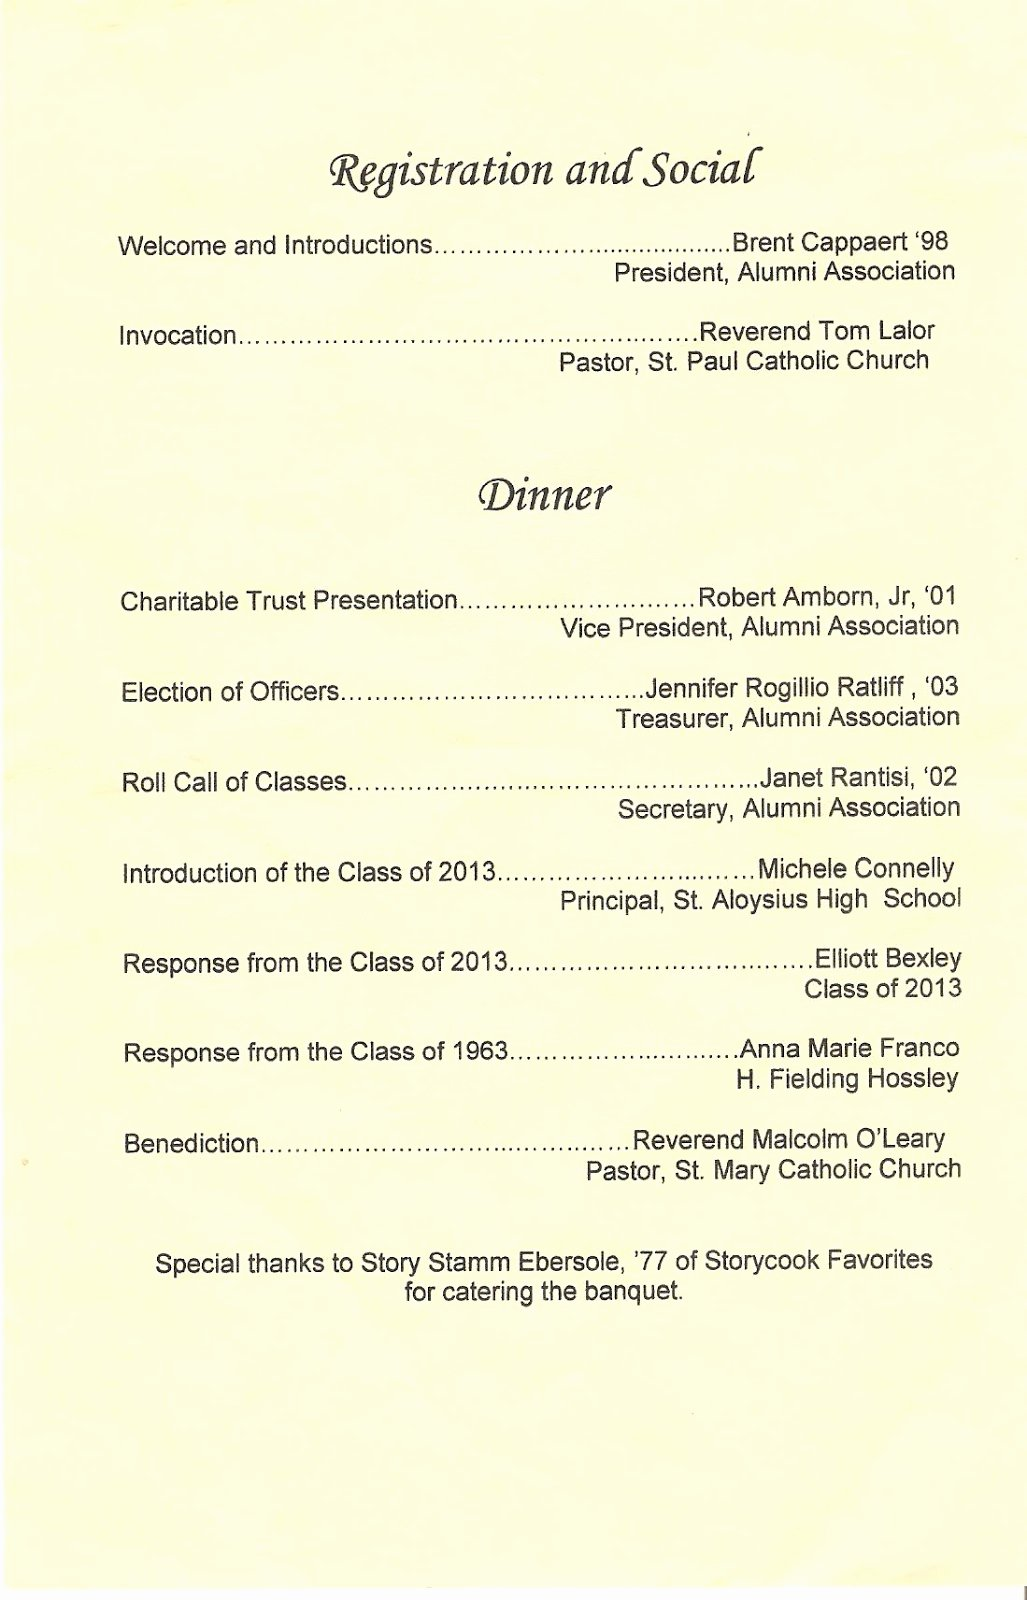 Church Banquet Program Best Of Church Banquet Program Outline